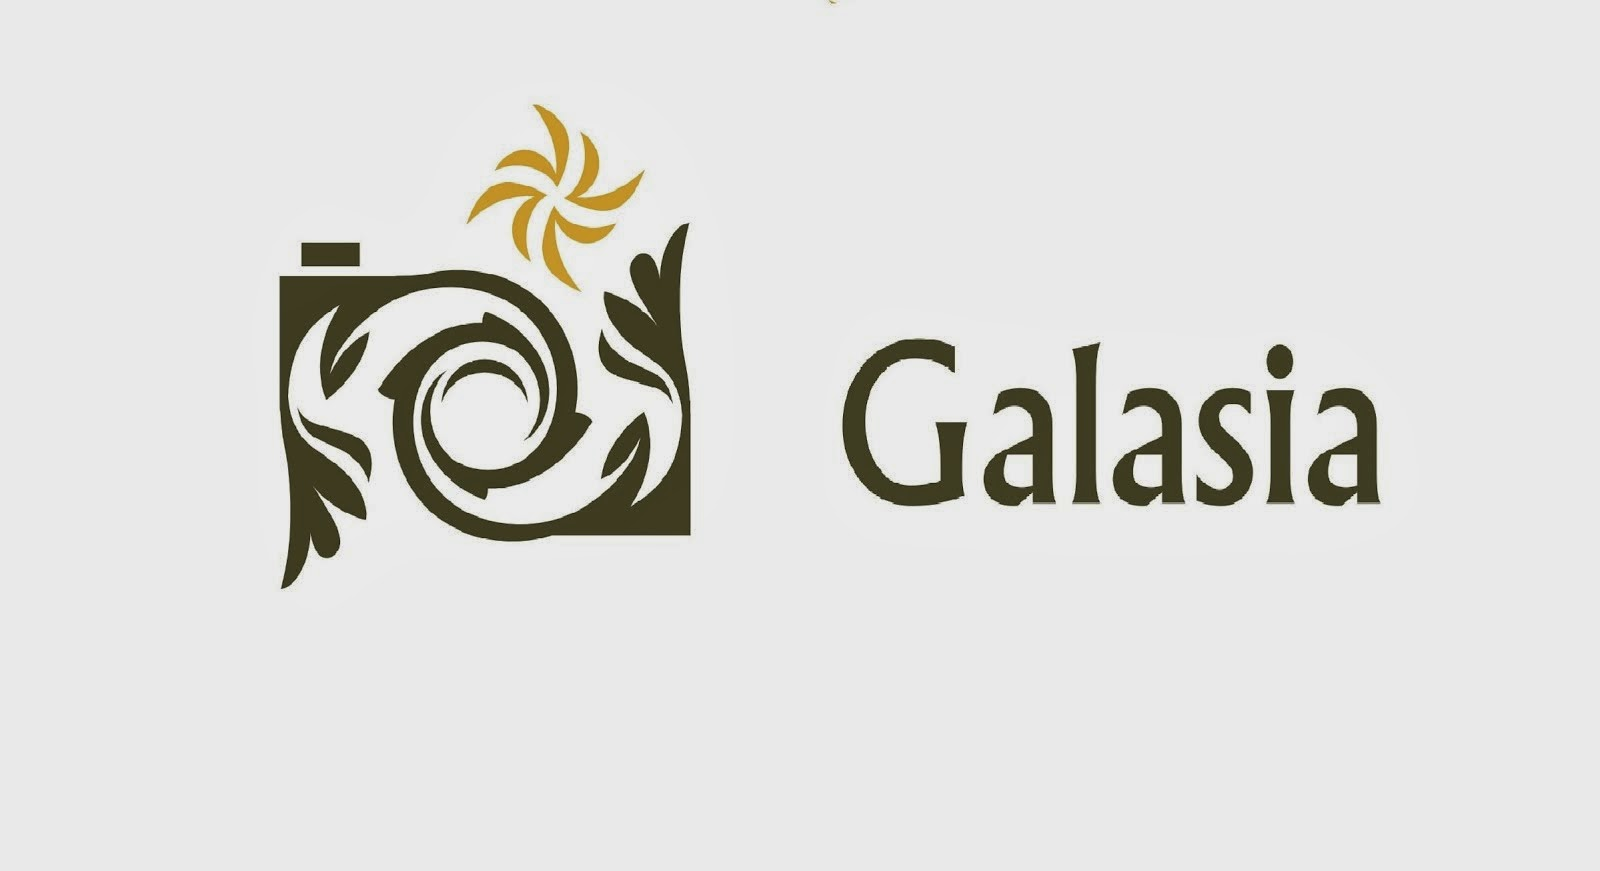 Galasia, regalos curiosos y prácticos